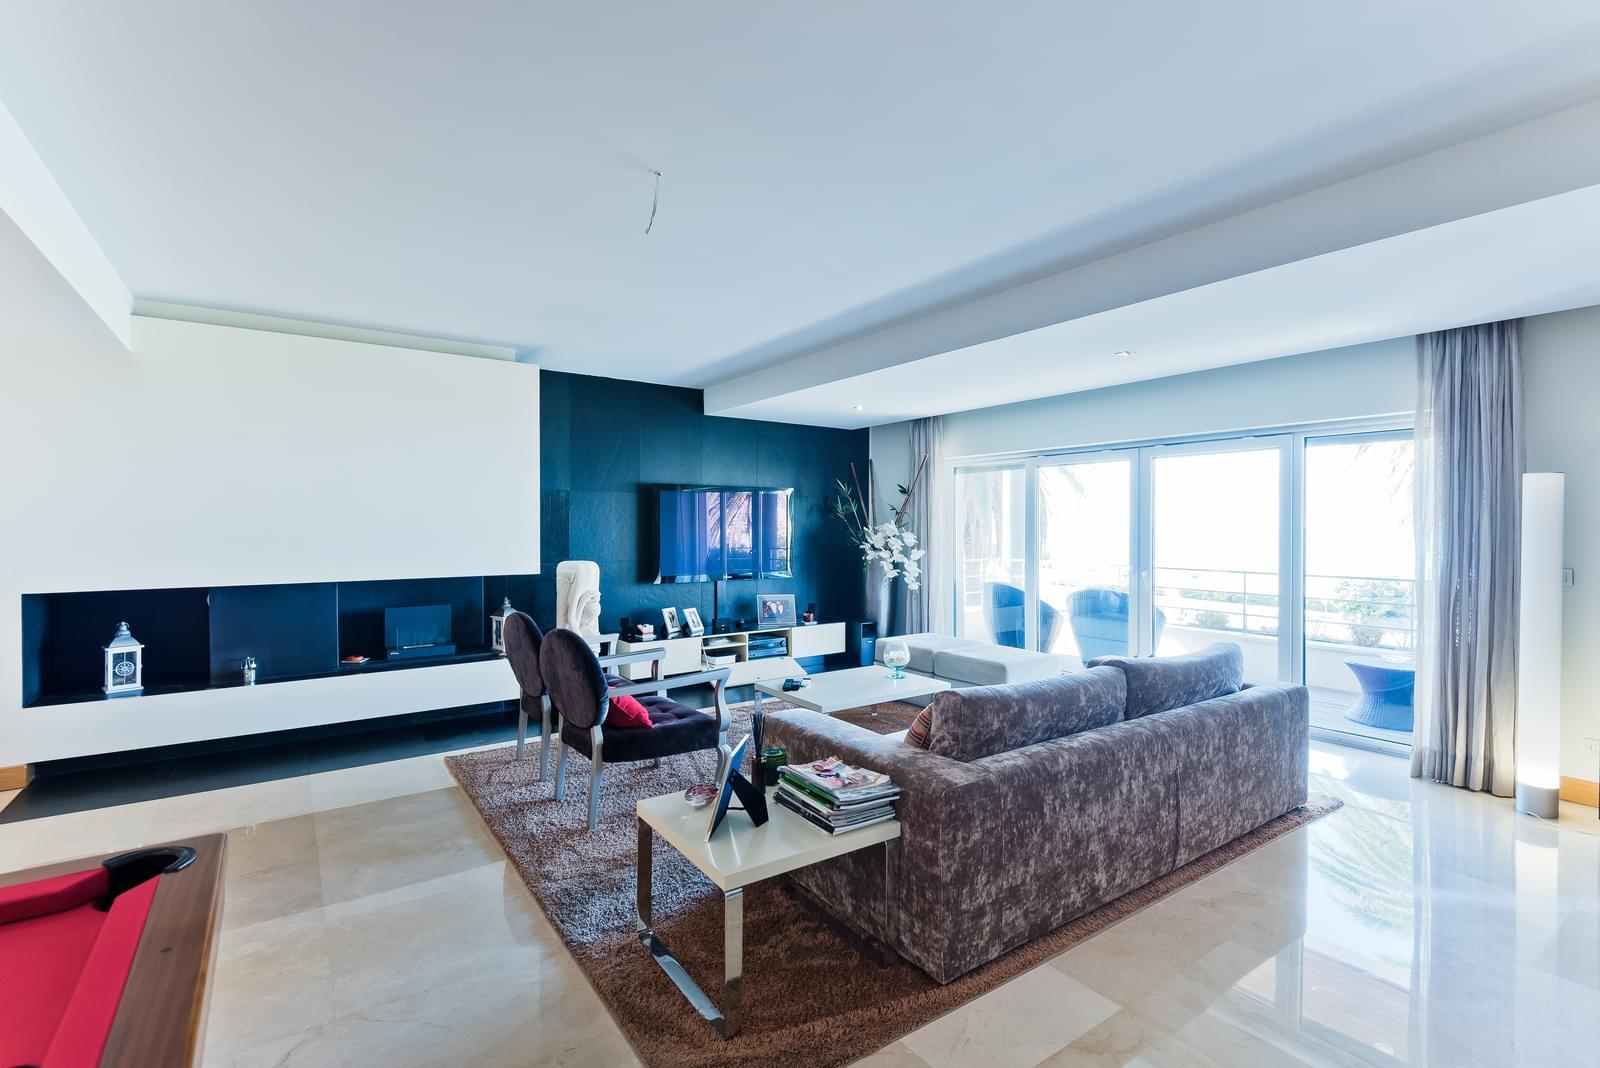 pf18030-apartamento-t4-cascais-7d0fb5f0-ca48-4c09-85cd-b4e0edca78f5